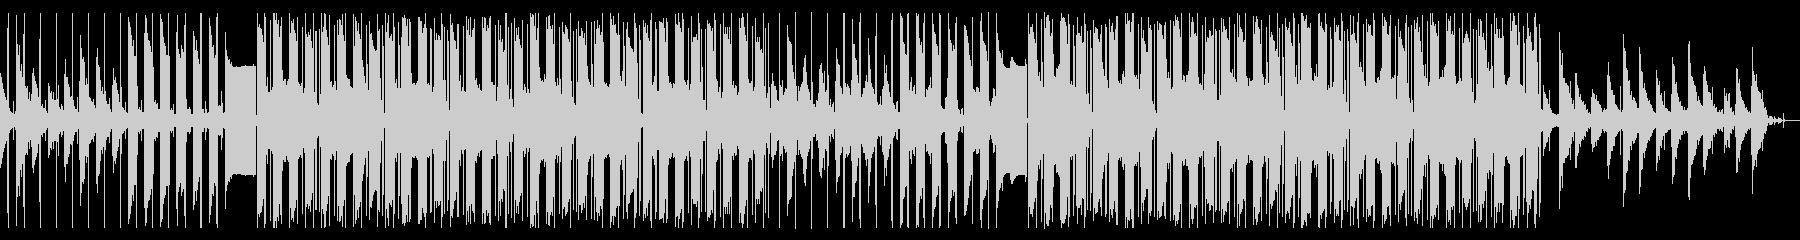 サックスソロのチル・ヒップホップの未再生の波形